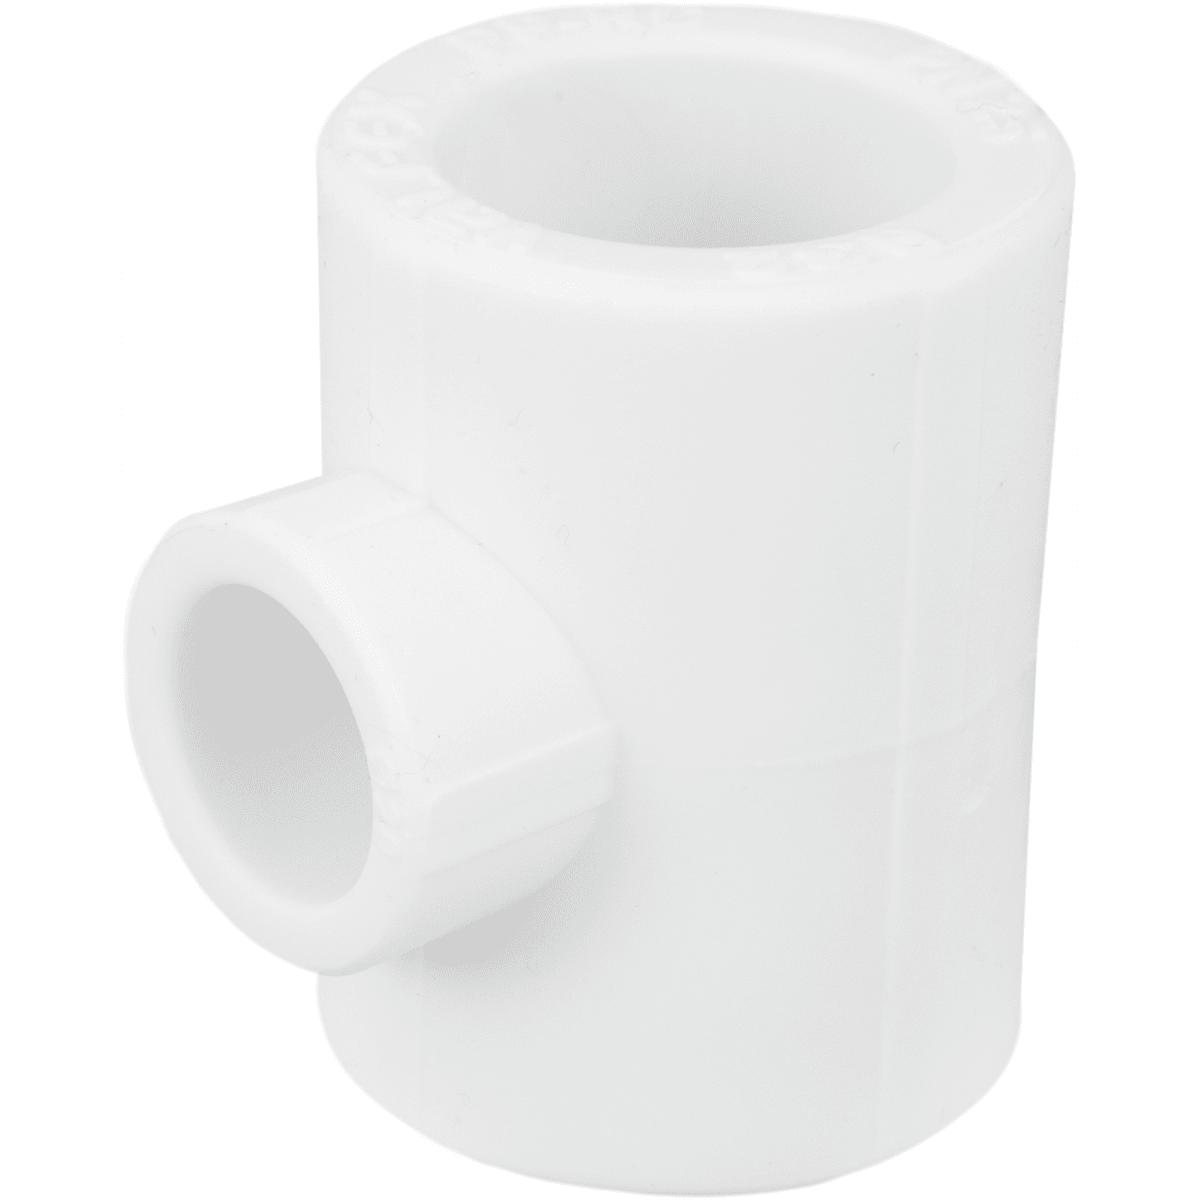 Тройник ⌀32 x 20 x 32 мм полипропилен